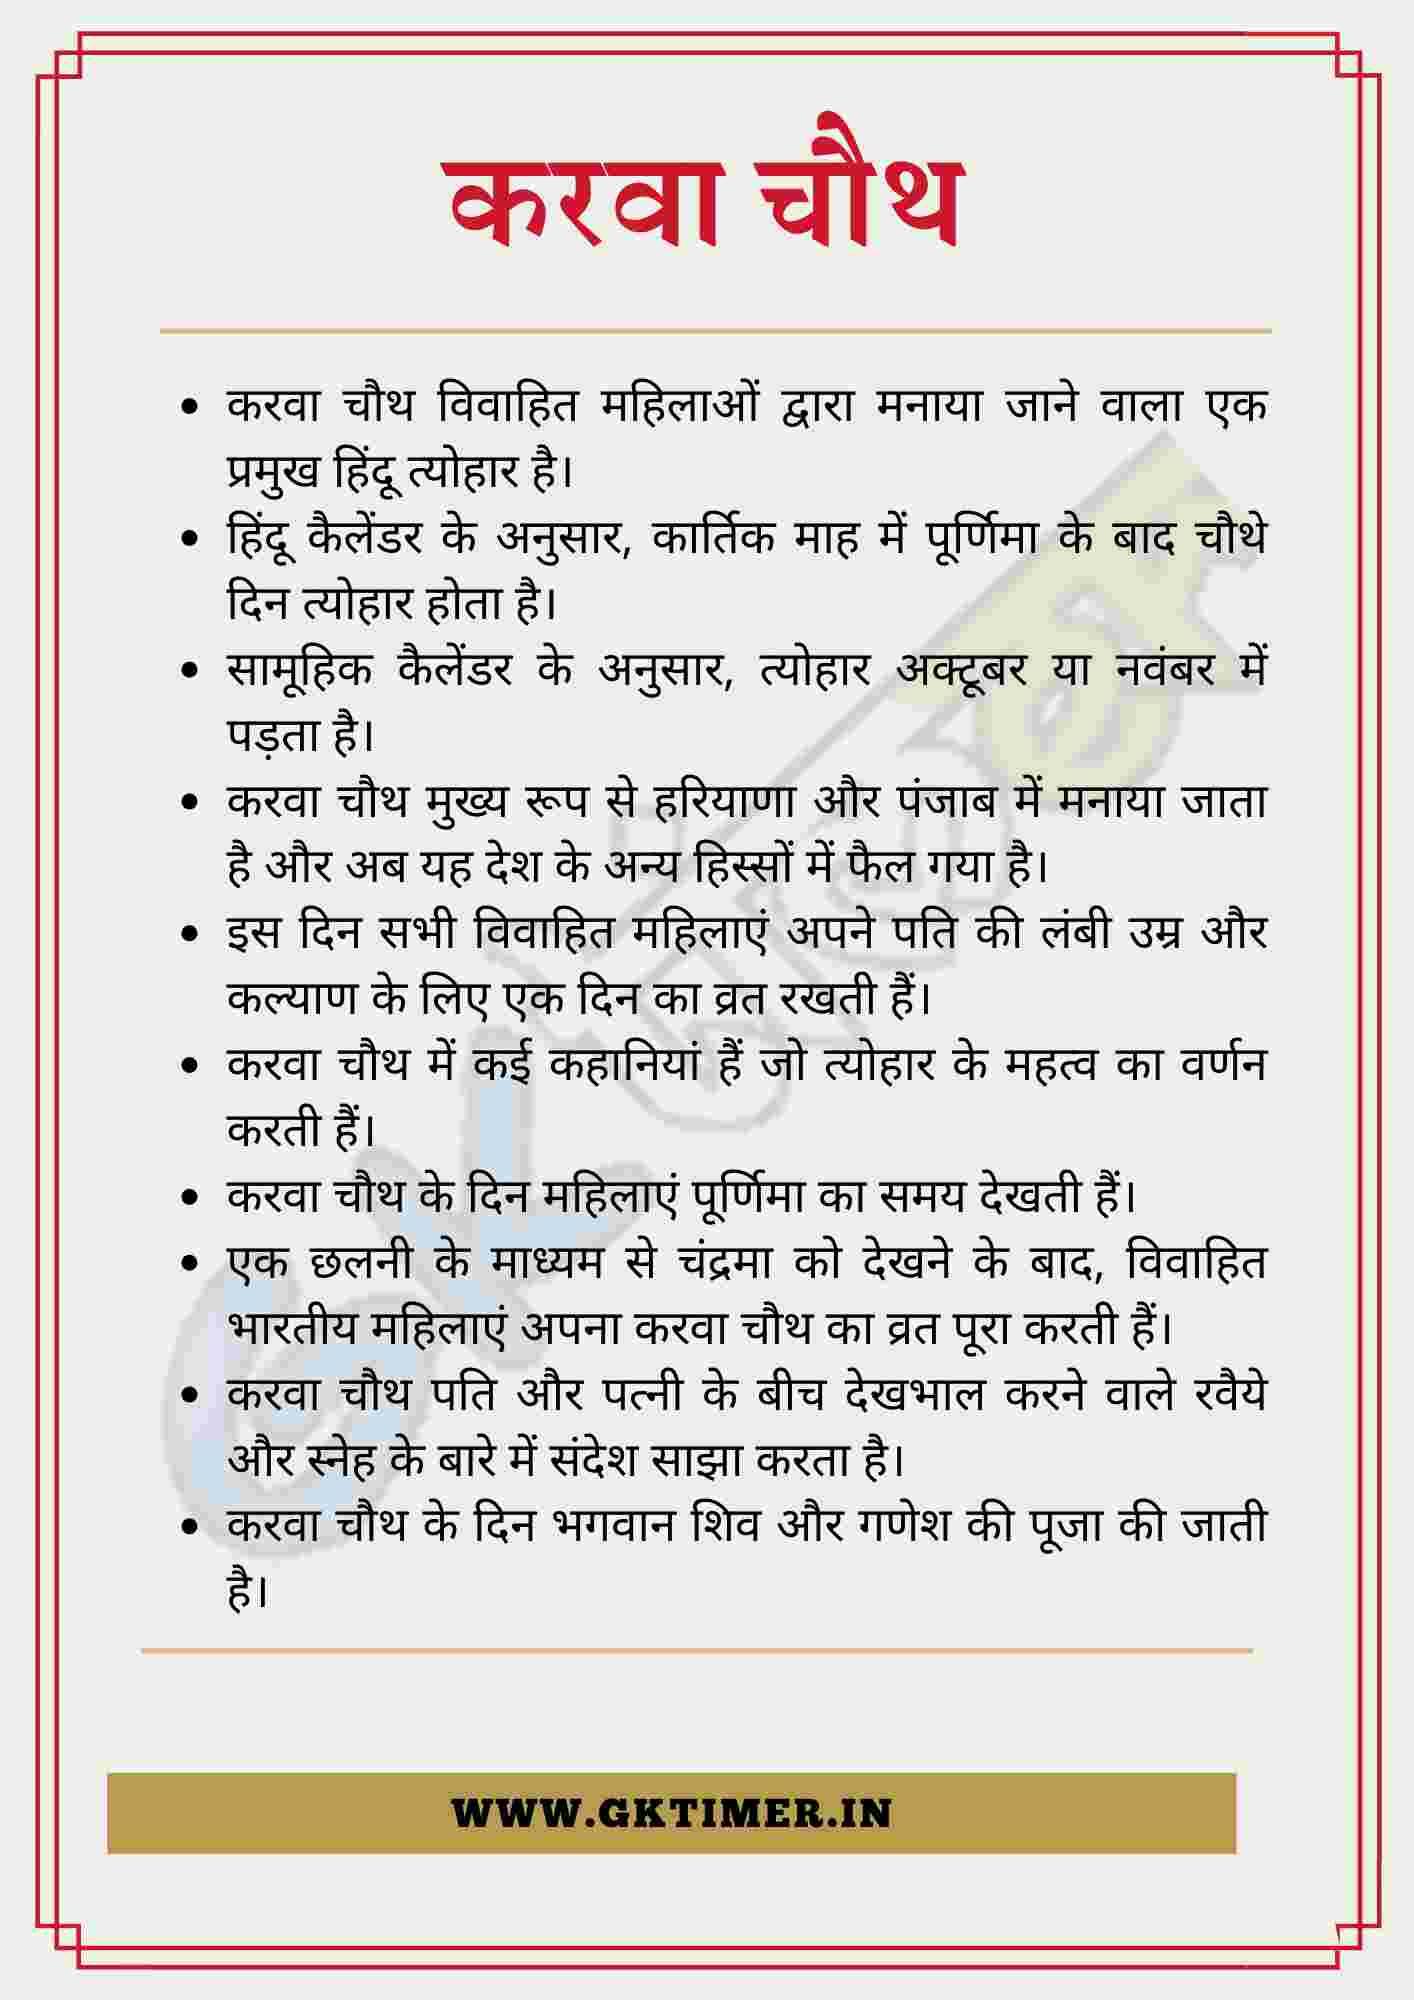 करवा चौथ पर निबंध | Karva Chouth Essay in Hindi | 10 Lines on Karva Chauth  in Hindi